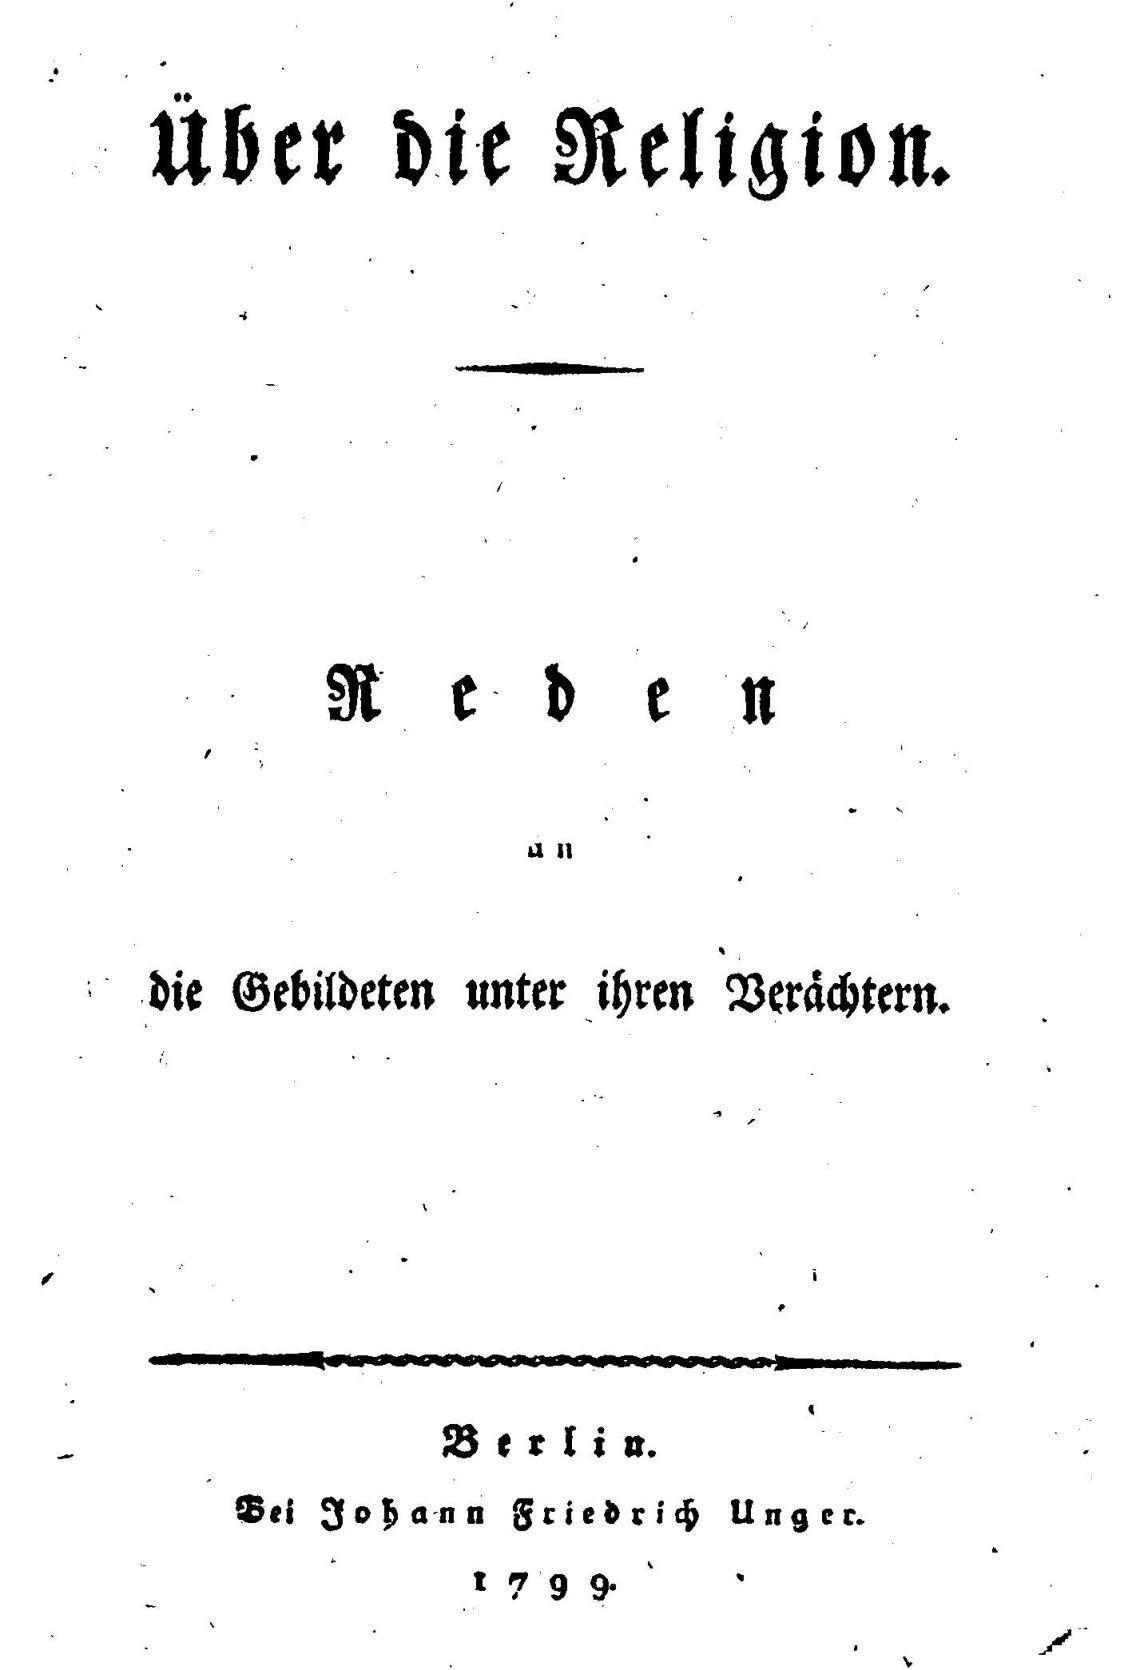 Schleiermacher - Über die Religion (1799)